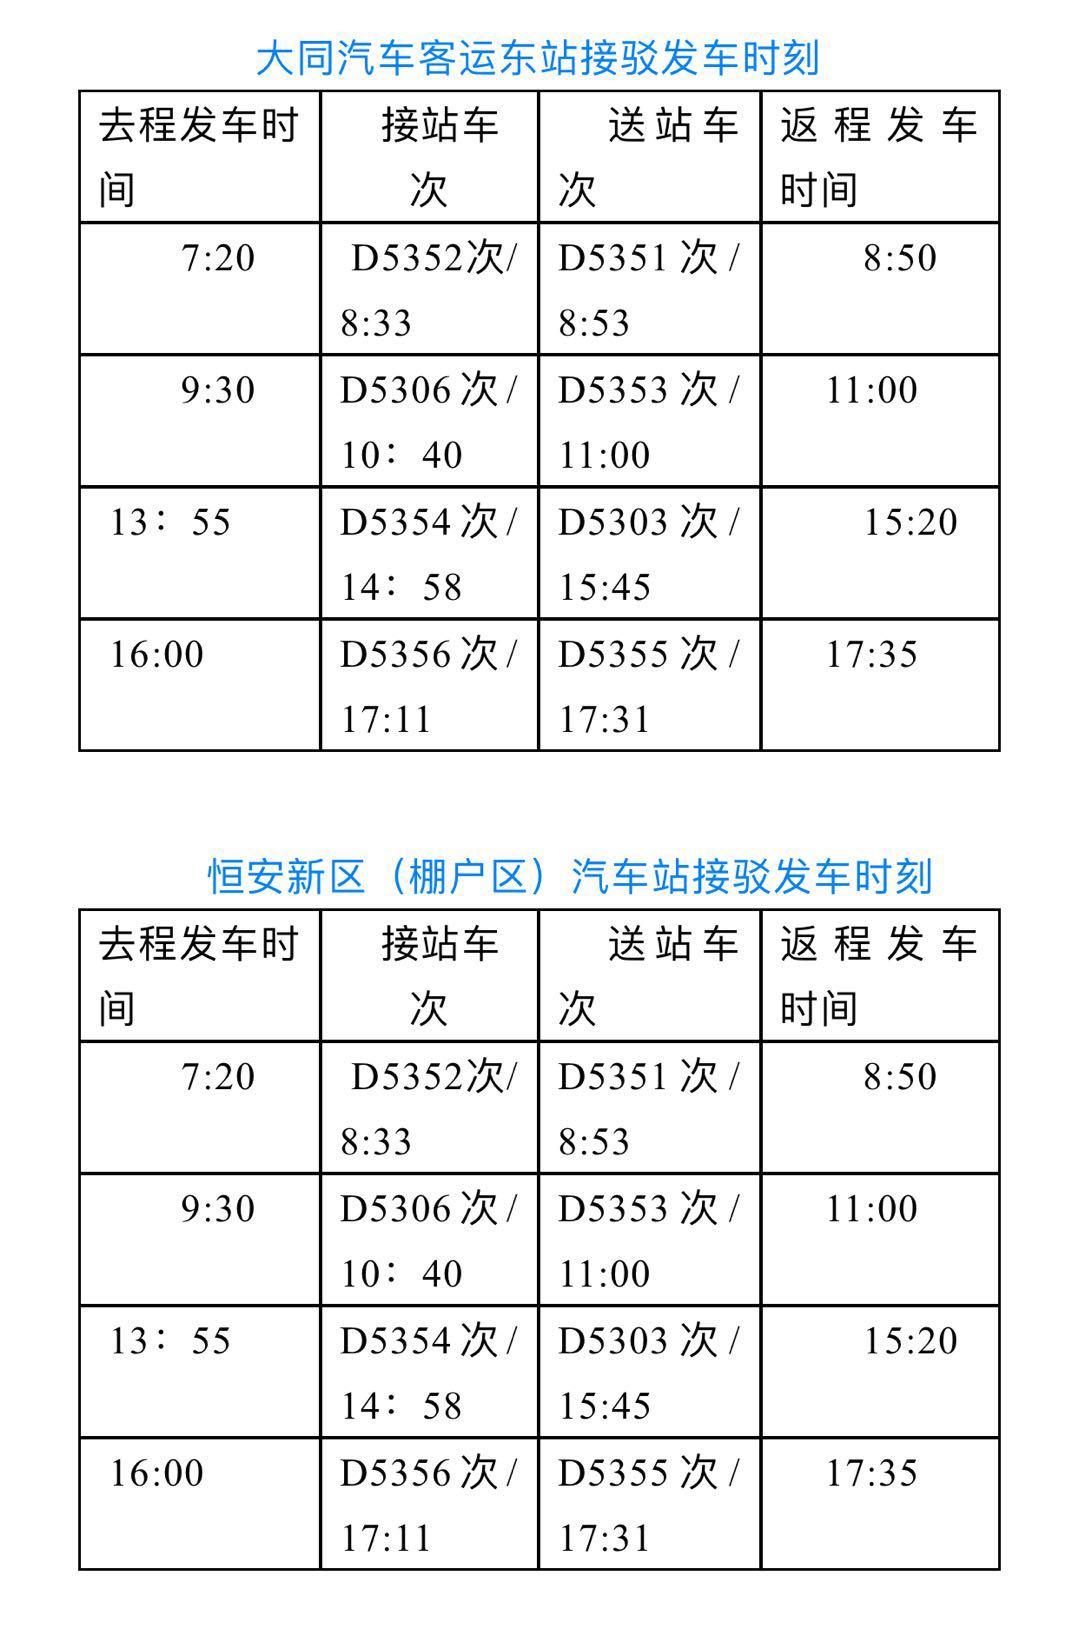 大同市关于对怀仁东站 乘坐动车旅客实行免费接驳